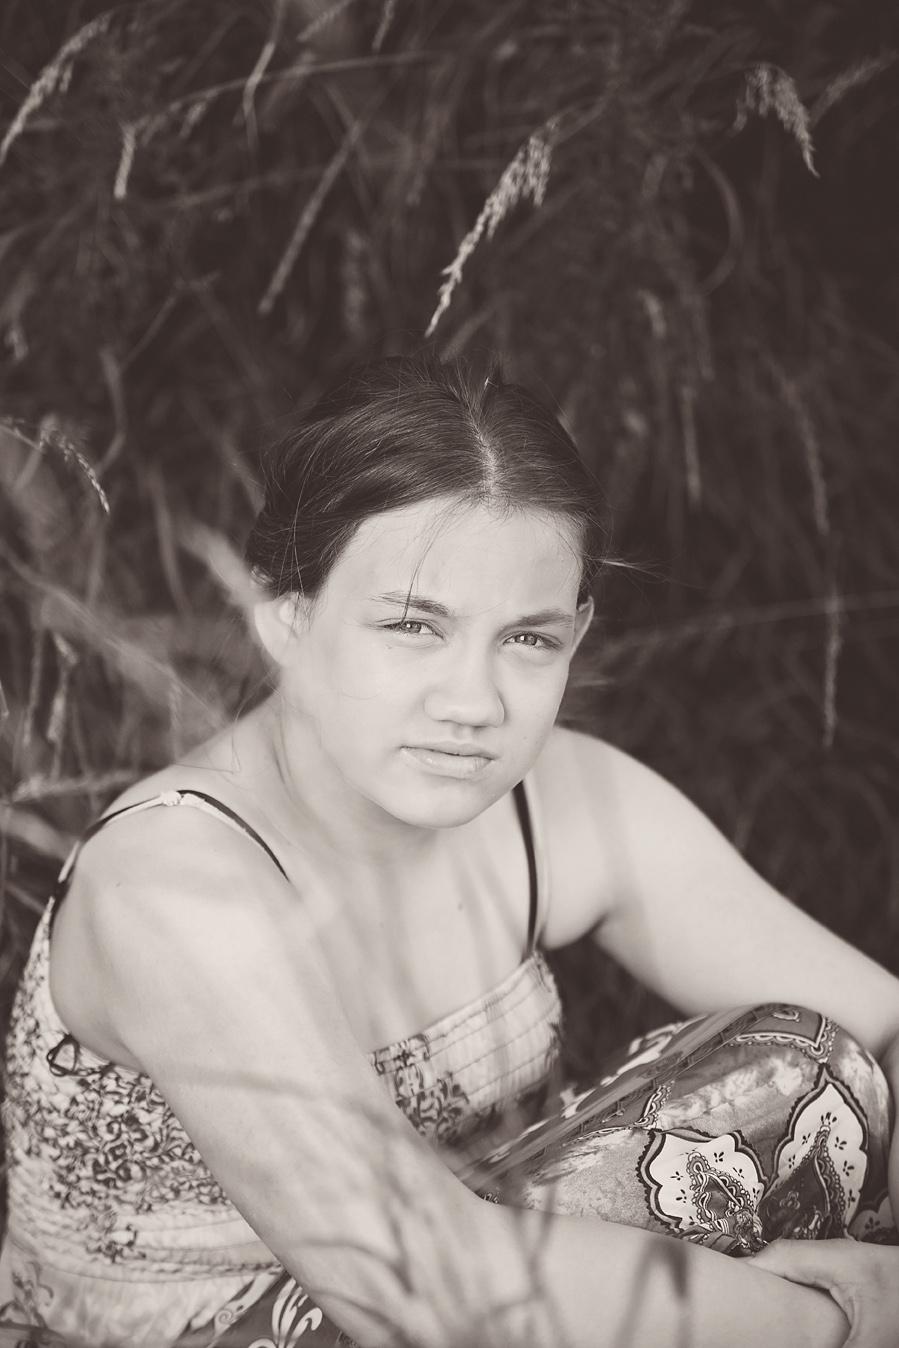 Portrait-Photography-b&w